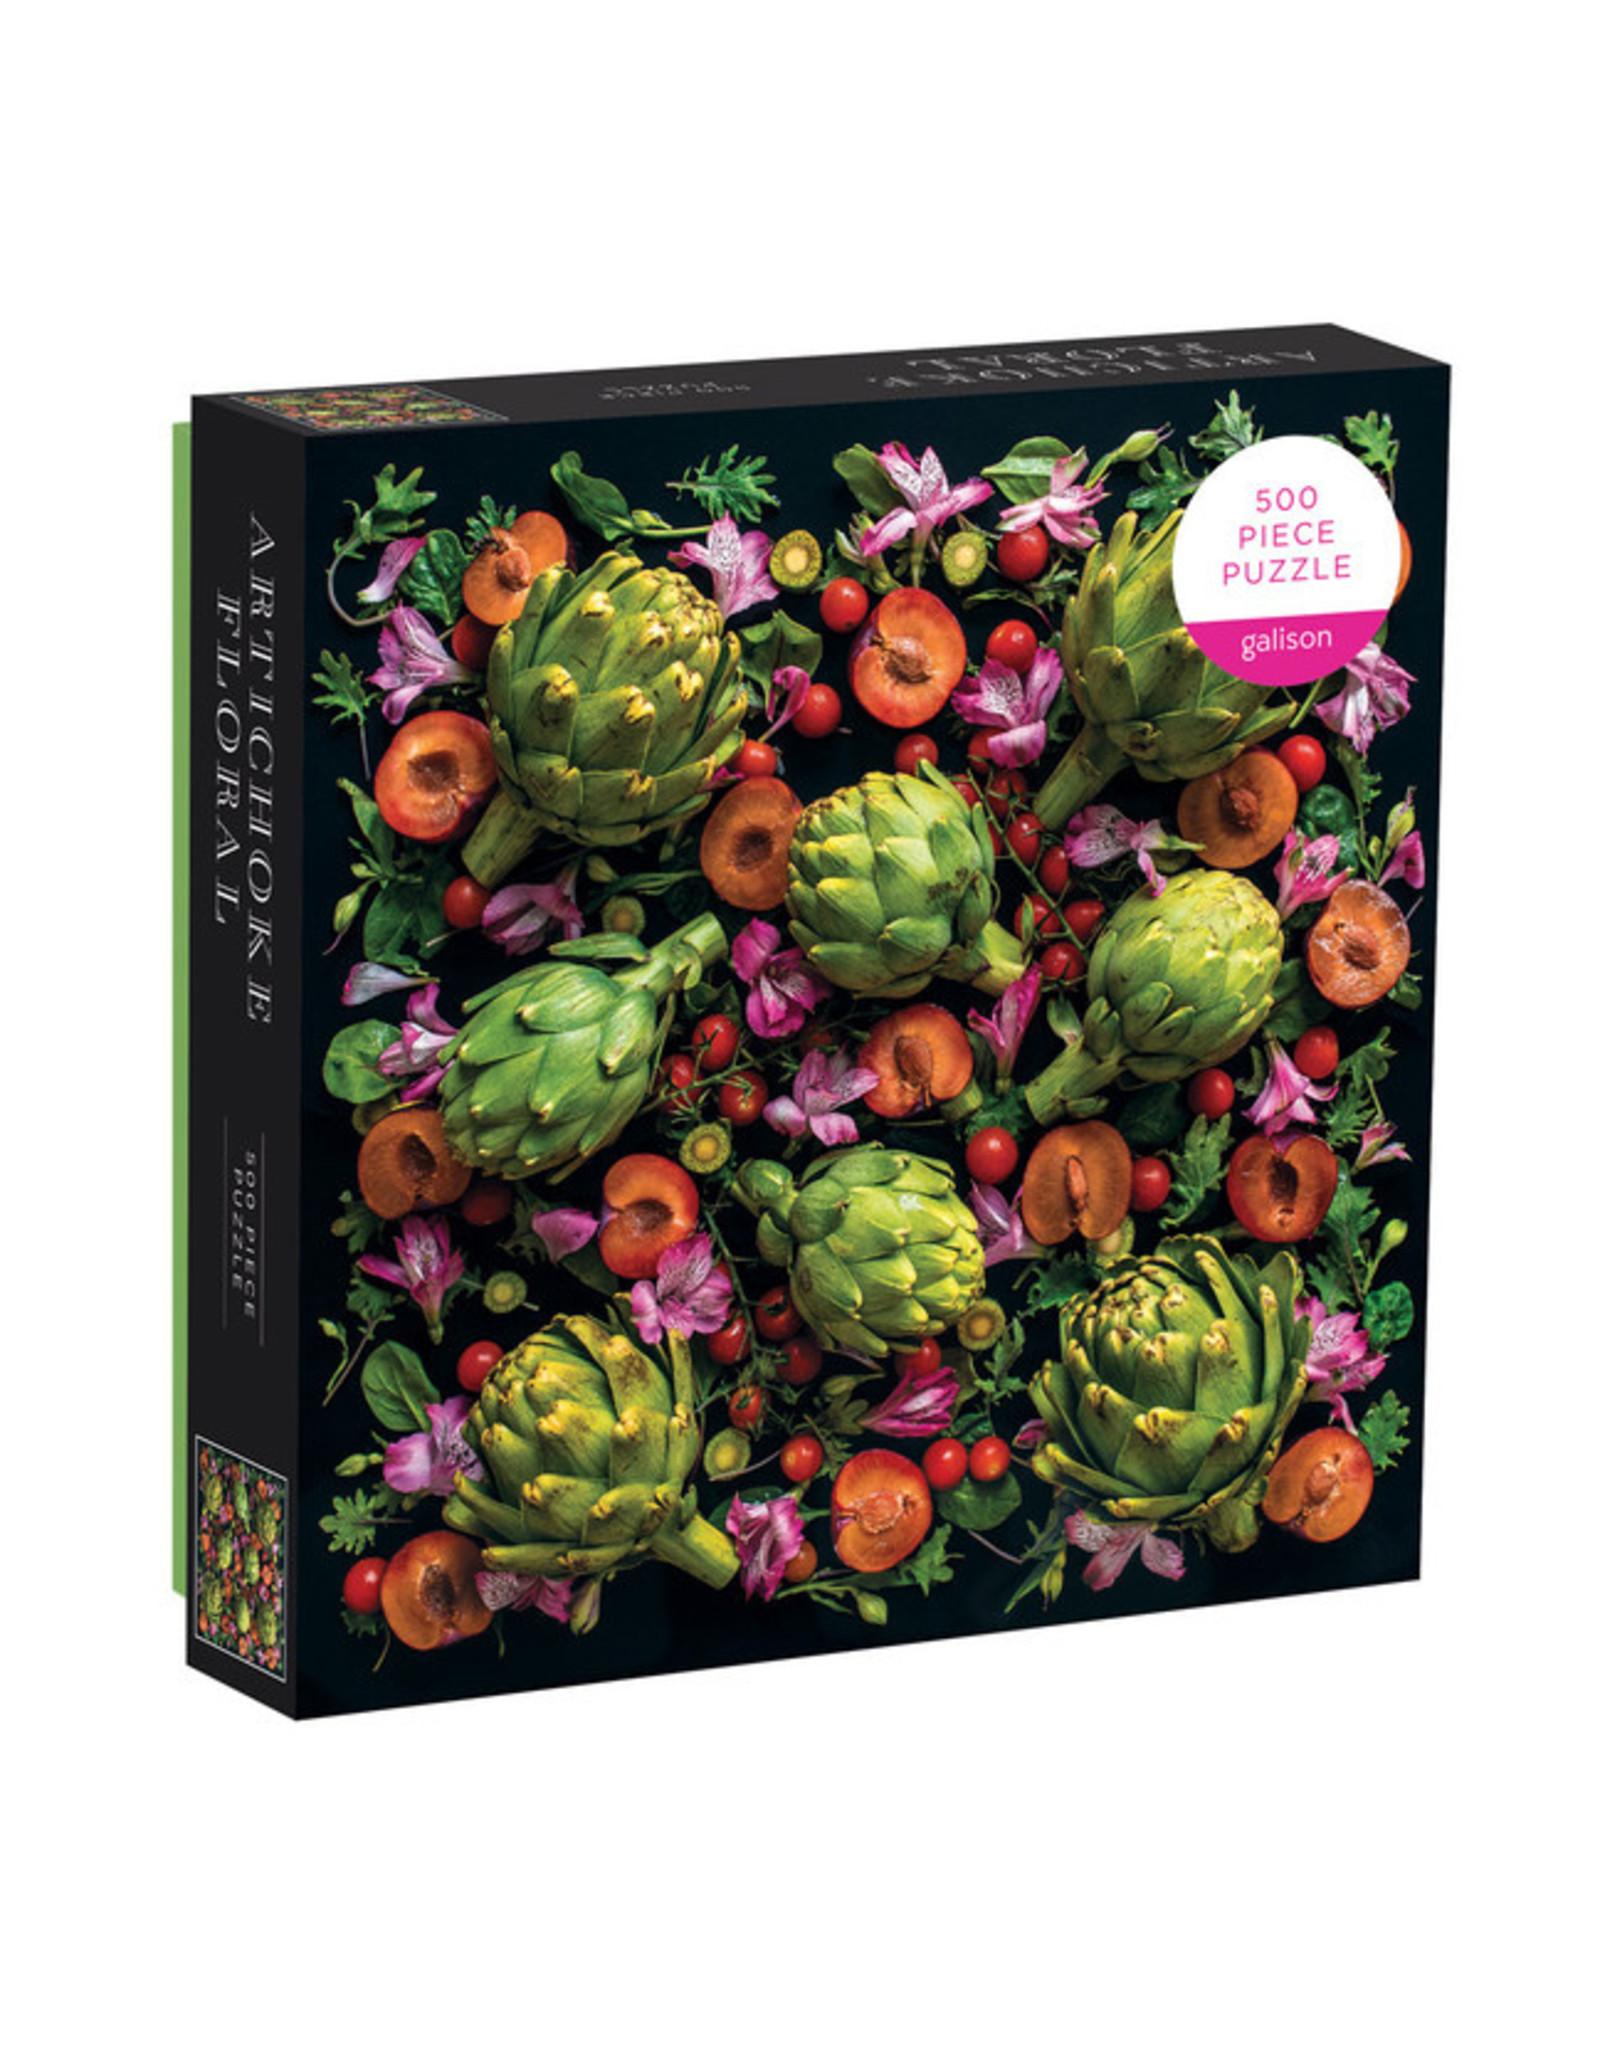 RST - Puzzle Artichoke Floral / 500 pcs